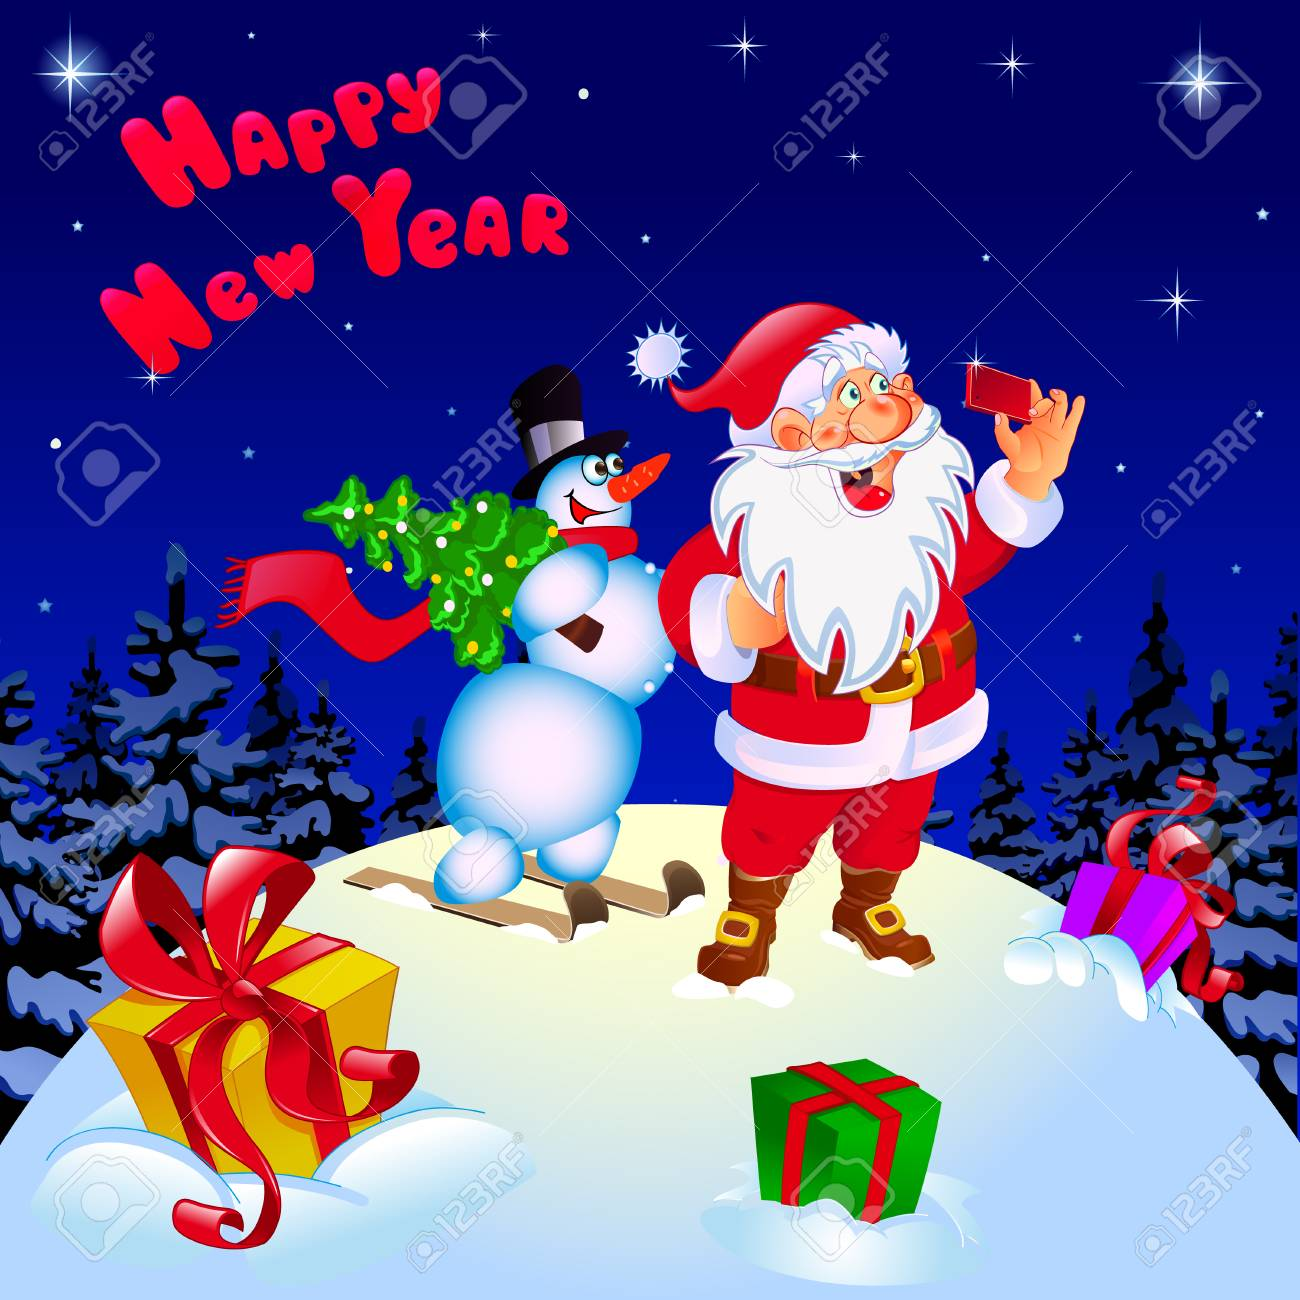 Frohe Weihnachten Und Ein Glückliches Neues Jahr. Glückwunsch. Sankt ...